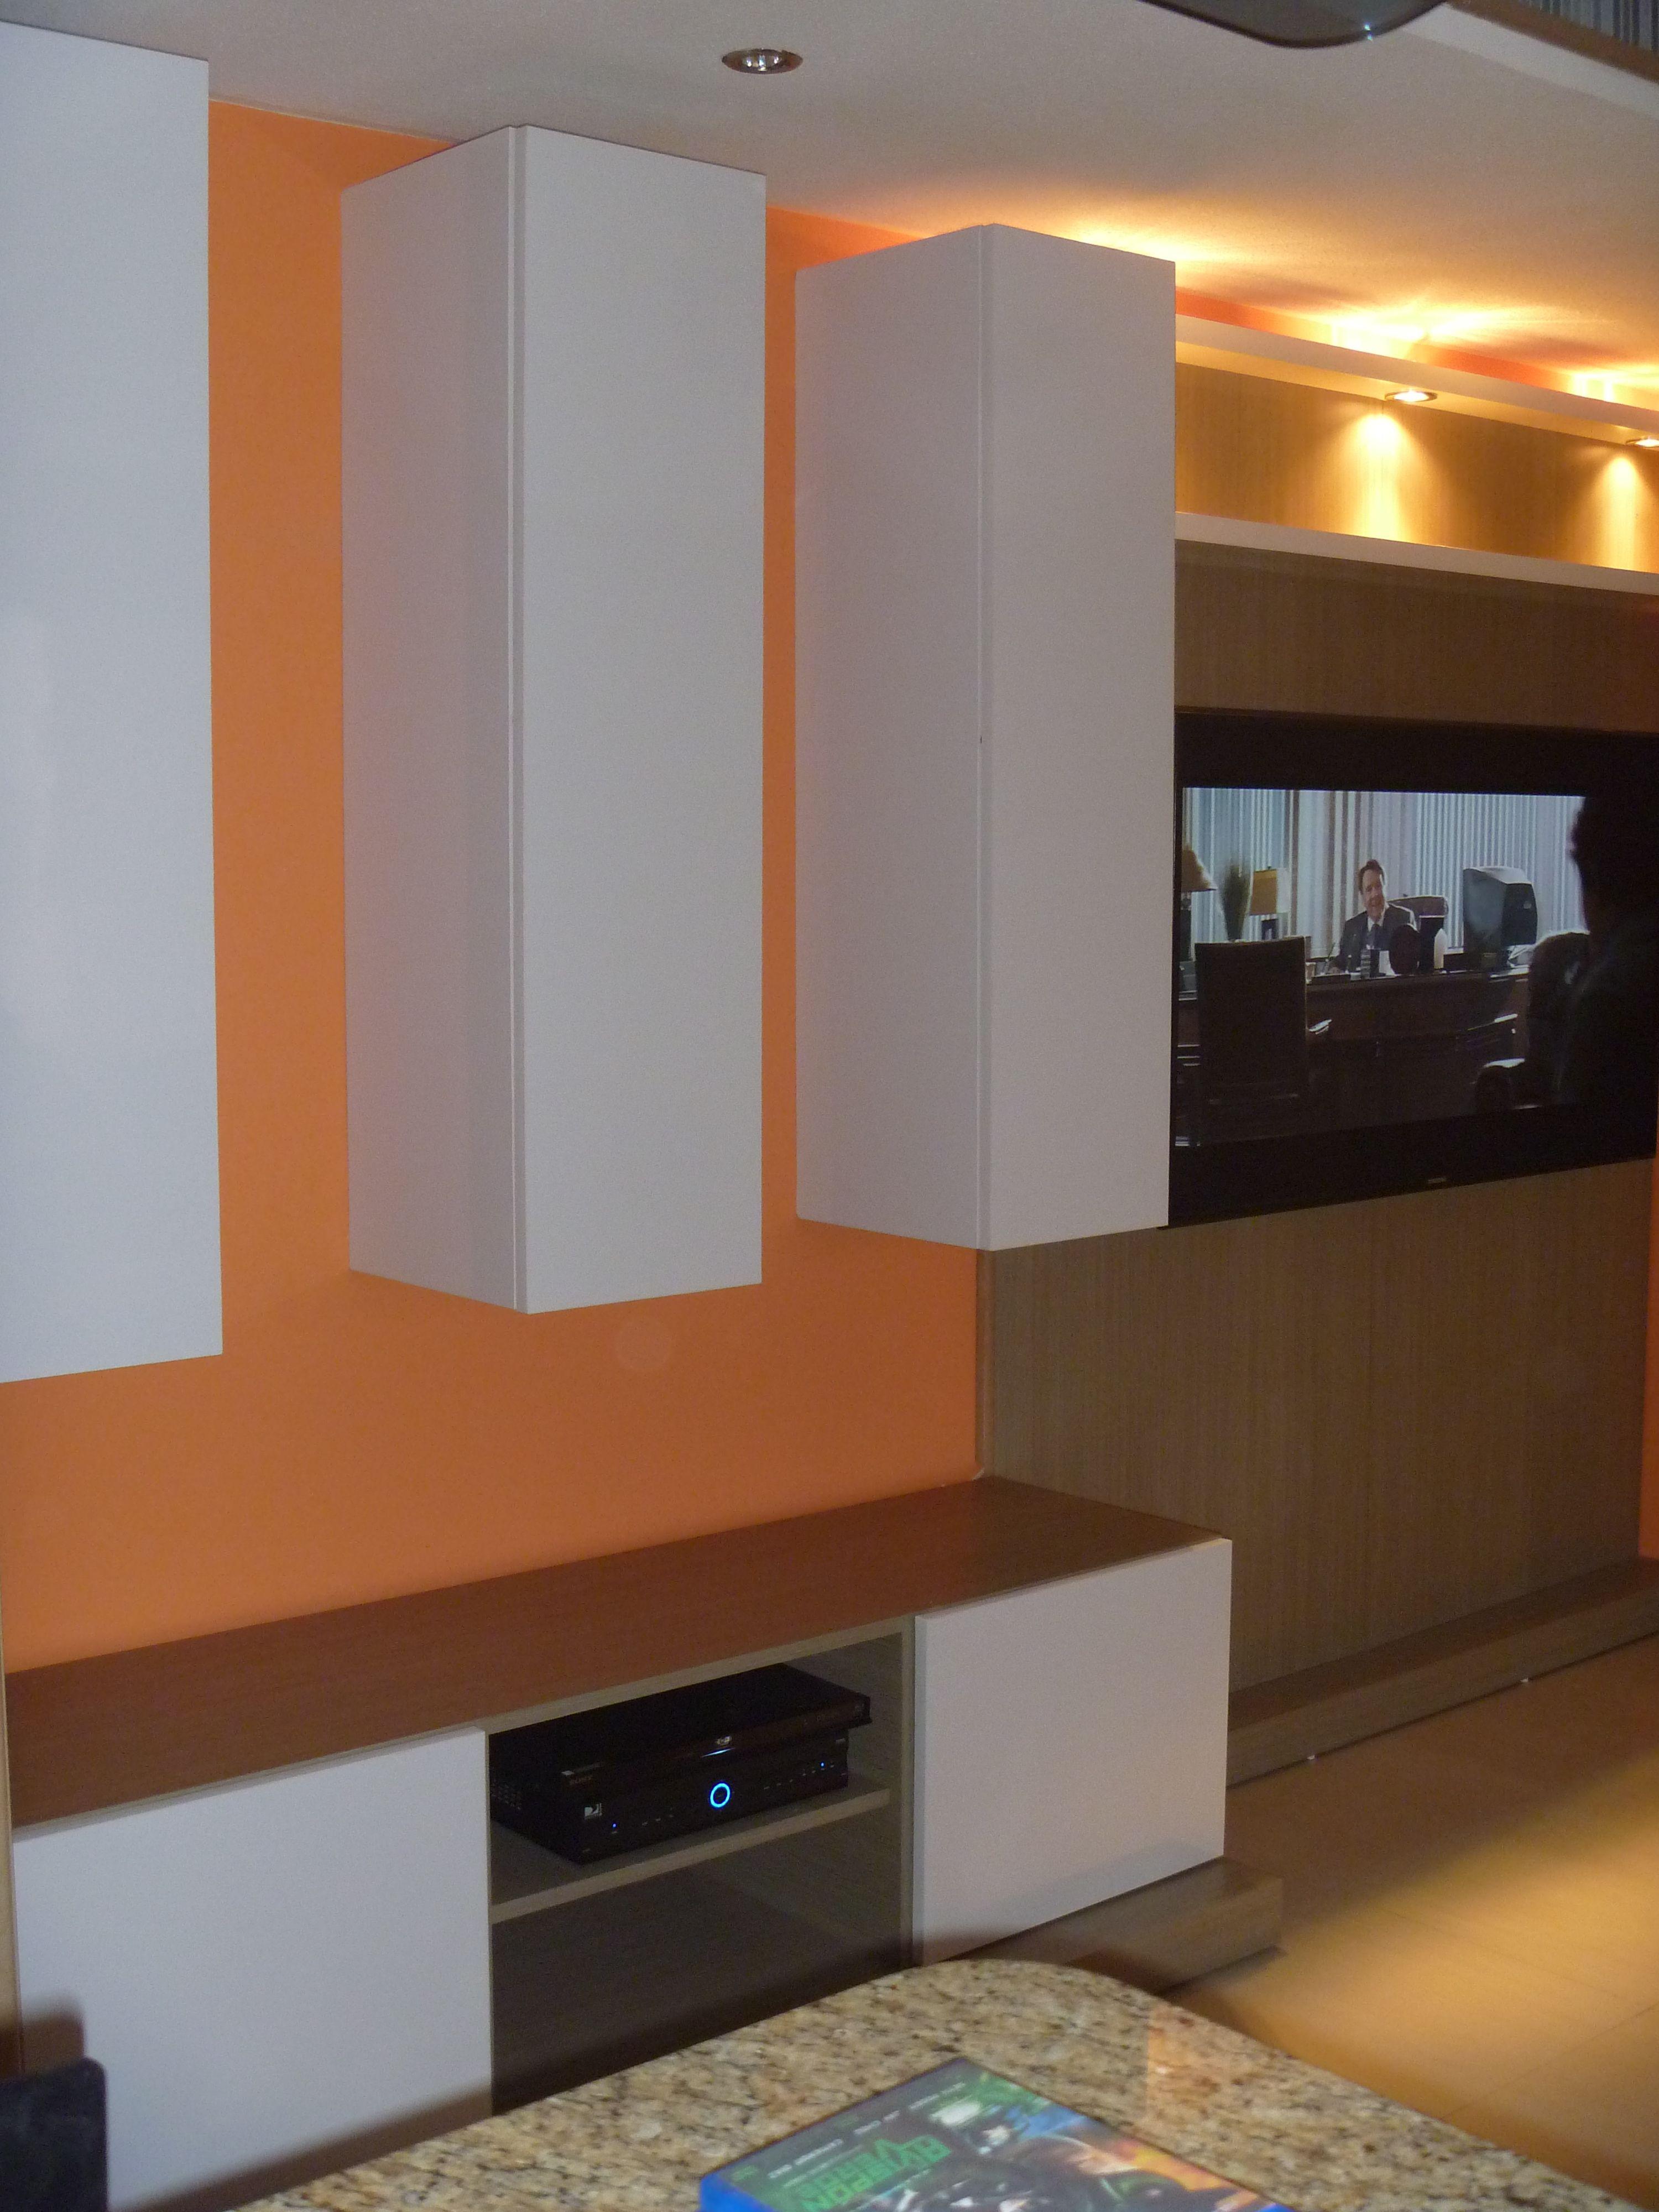 Mueble para tv en laminado blanco alto brillo,sin tiradores, sistema ...